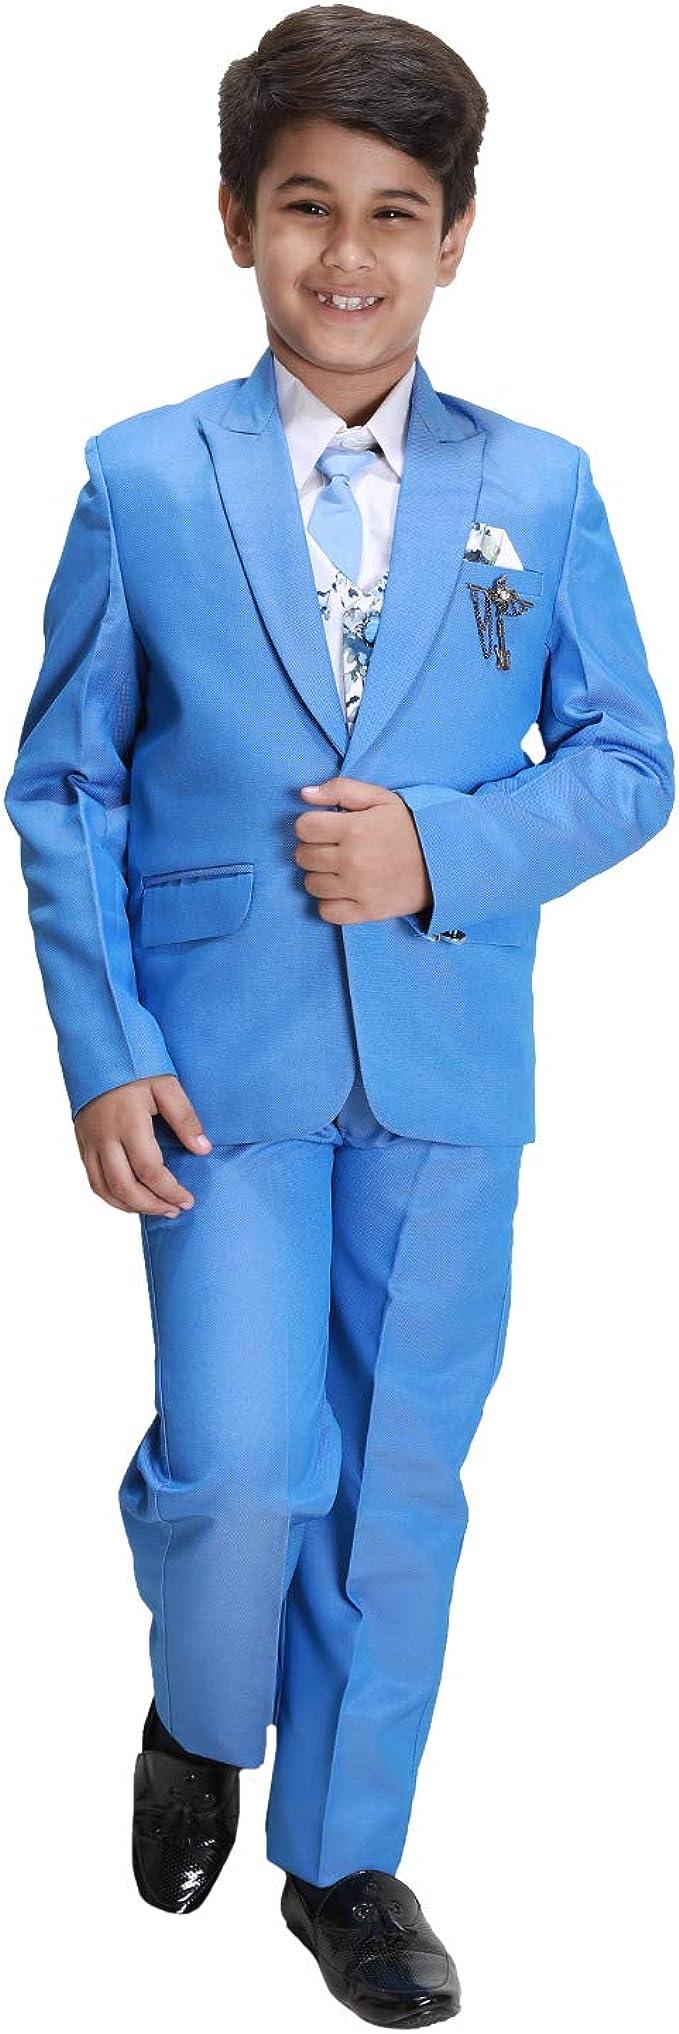 Fourfolds 5 Piezas Traje de Abrigo con Camisa Blazer Chaleco y Corbata para niños y niños_FS134 Turquesa Azul Claro 7-8 Años: Amazon.es: Ropa y accesorios